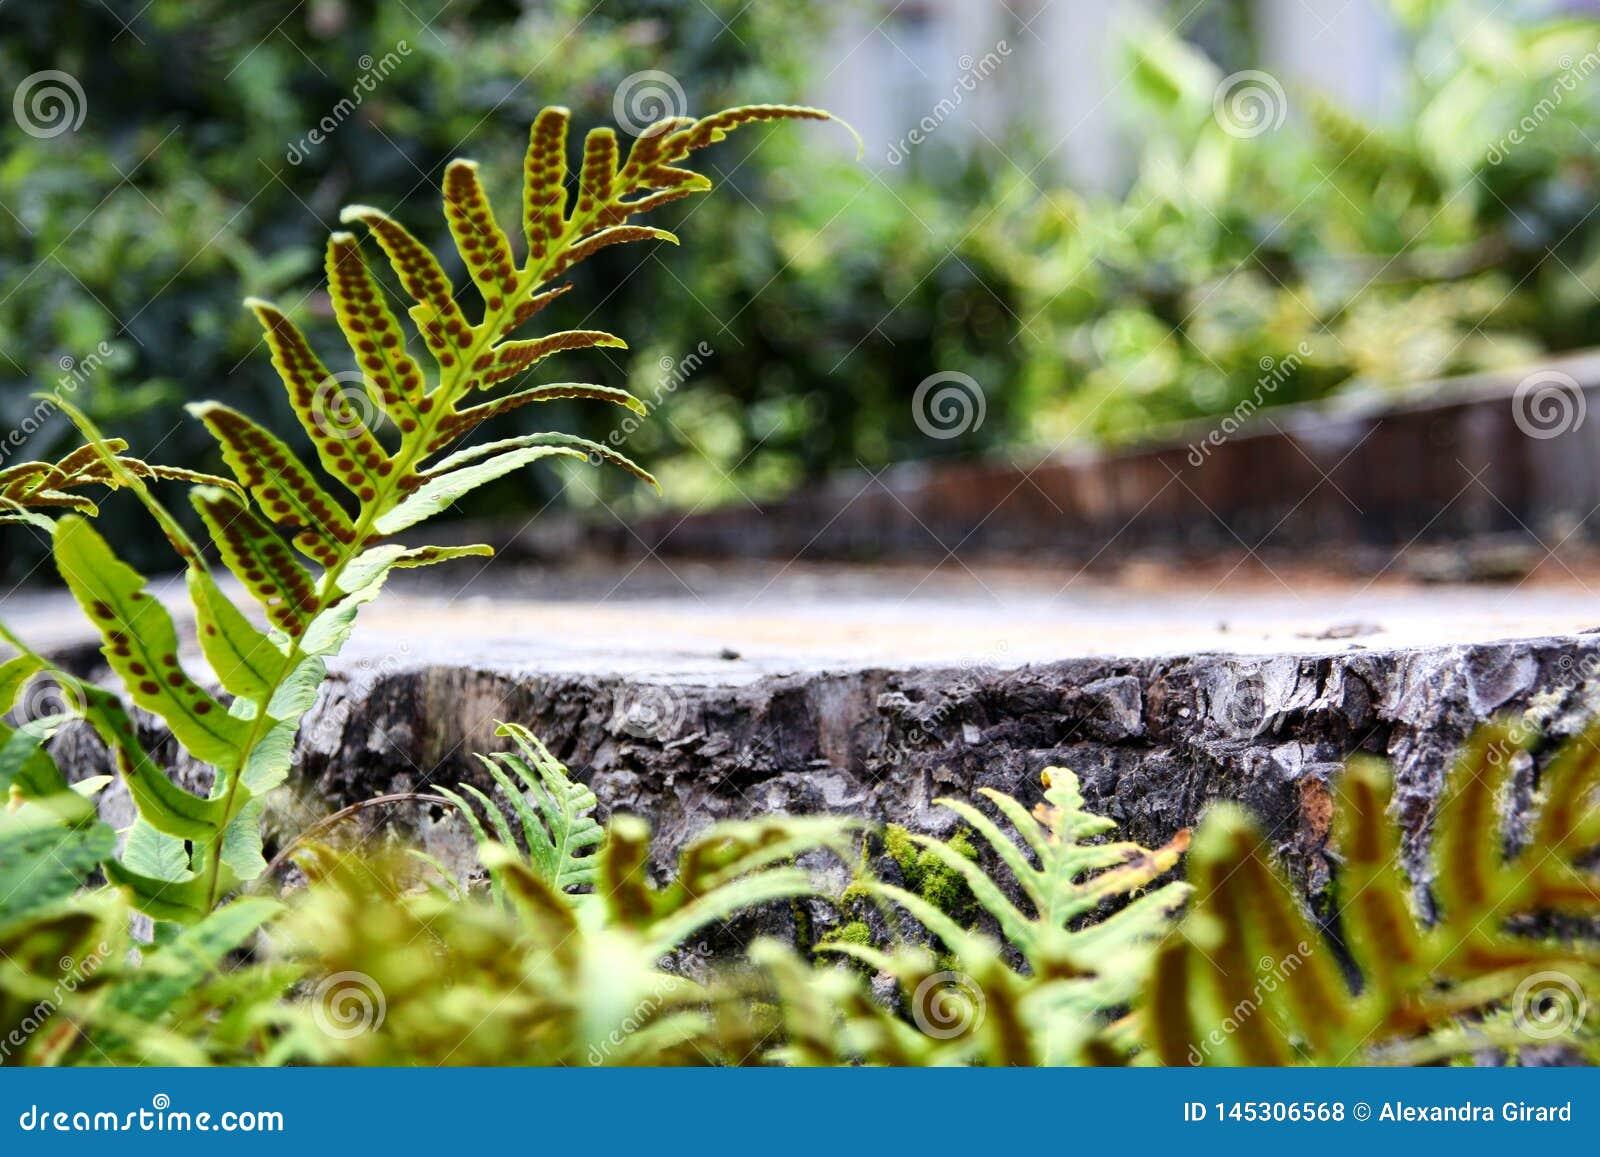 Varens rond een boomstomp in het bos, het standpunt van het oogniveau Tekstruimte